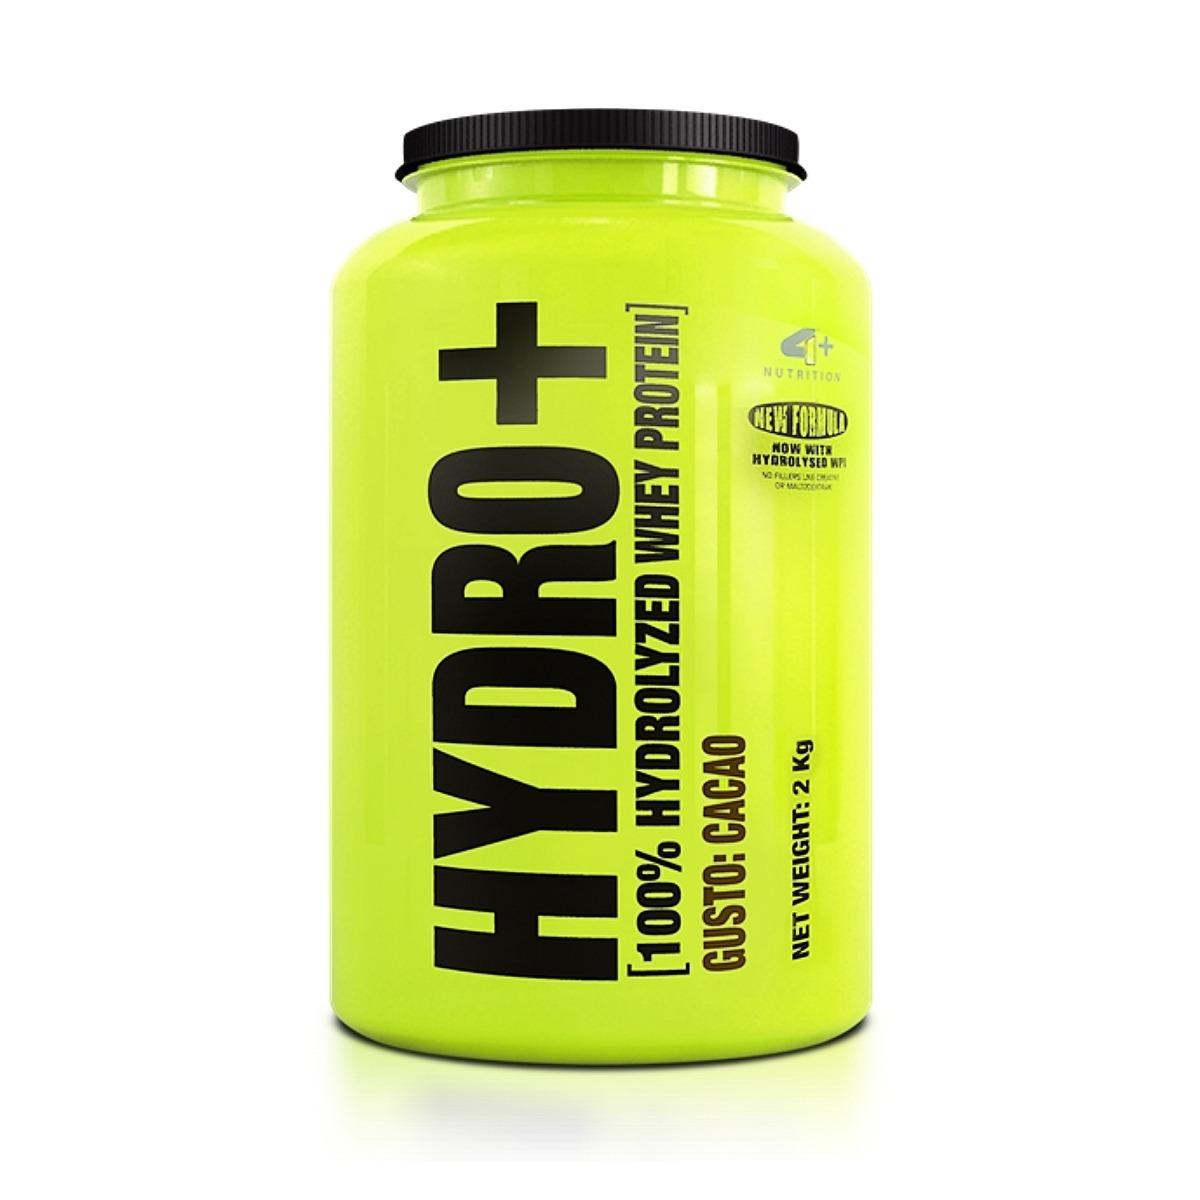 79df9c0c6 whey hydro+ 2 kg ( hidrolisado ) - 4 plus nutrition. Carregando zoom.